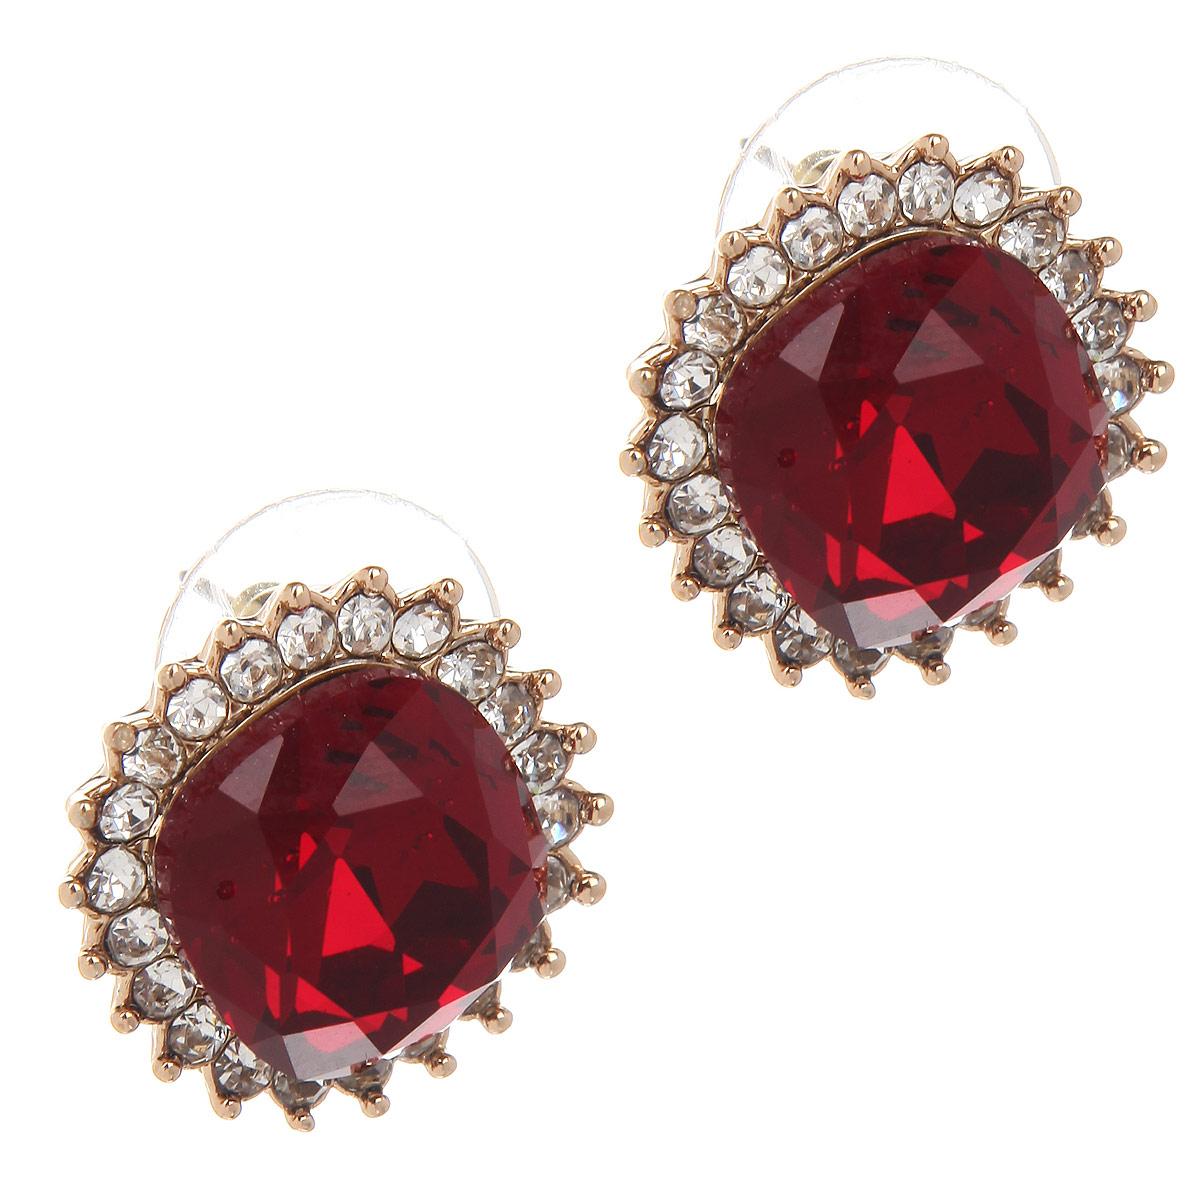 Серьги Taya, цвет: золотистый, красный. T-B-6052T-B-6052-EARR-GL.REDЭлегантные серьги Taya в классическом стиле, выполненные из гипоаллергенного сплава на основе латуни, не оставят равнодушной ни одну любительницу изысканных и необычных украшений. Они представлены в форме квадрата с закругленными углами, дополненного красным камнем той же формы и мелкими камушками по кругу. Серьги имеют надежную застежку-гвоздик, который фиксируется с помощью металлической задвижки. Такие серьги позволят вам с легкостью воплотить самую смелую фантазию и создать собственный, неповторимый образ.